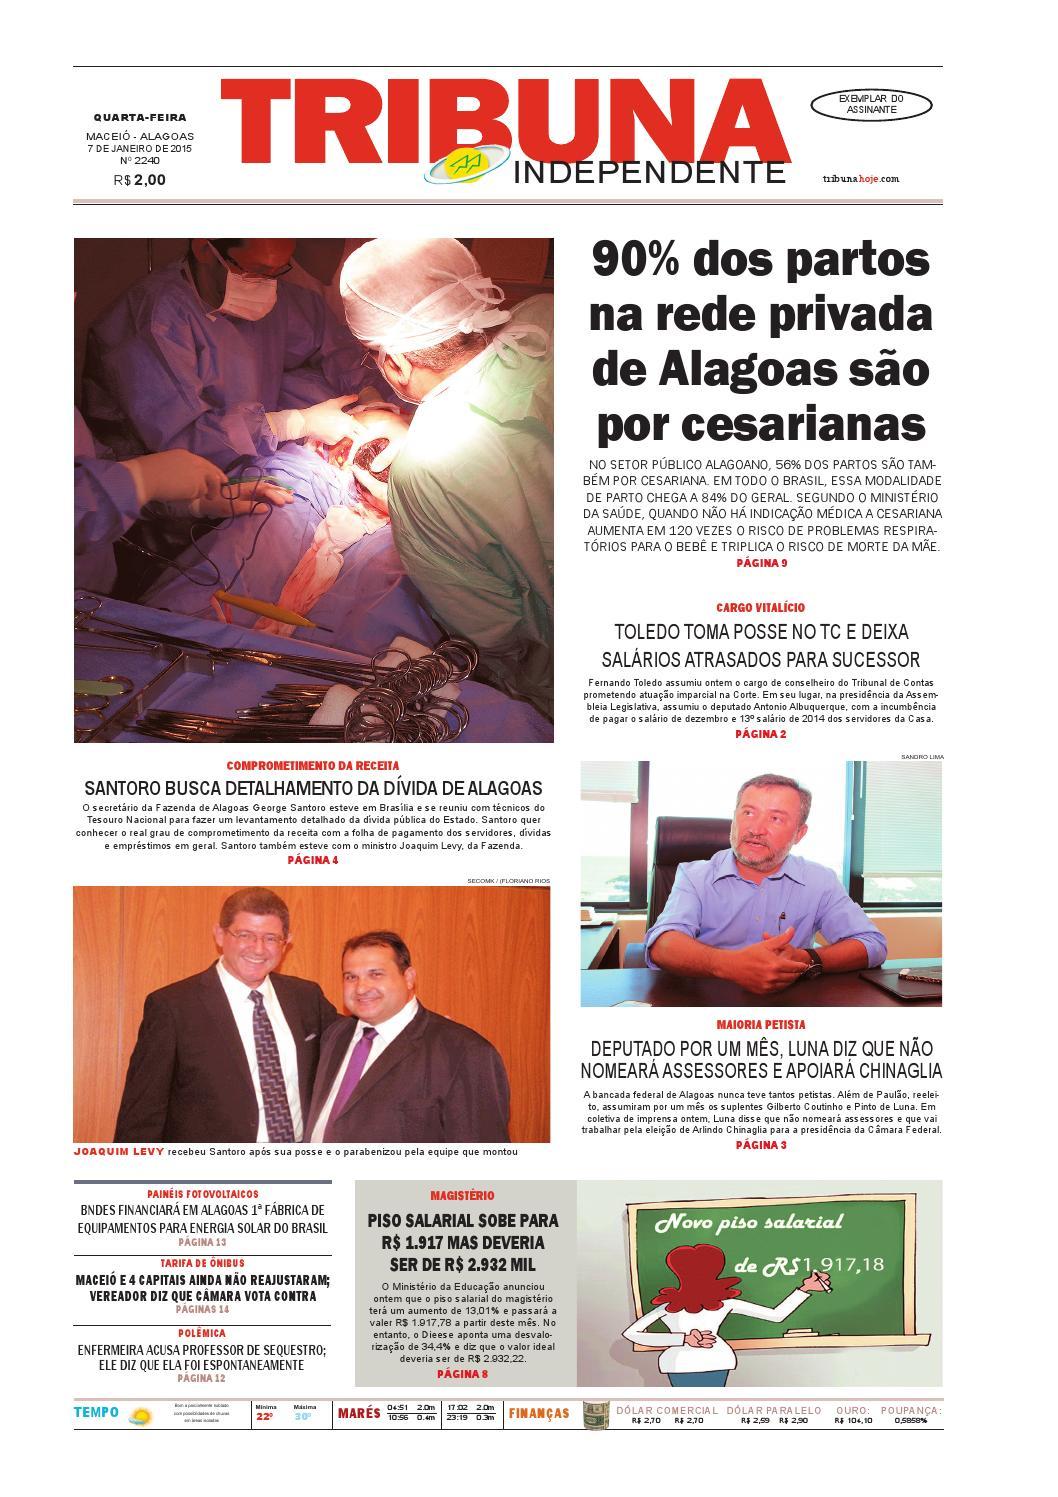 2cad1ef76 Edição número 2240 - 7 de janeiro de 2015 by Tribuna Hoje - issuu